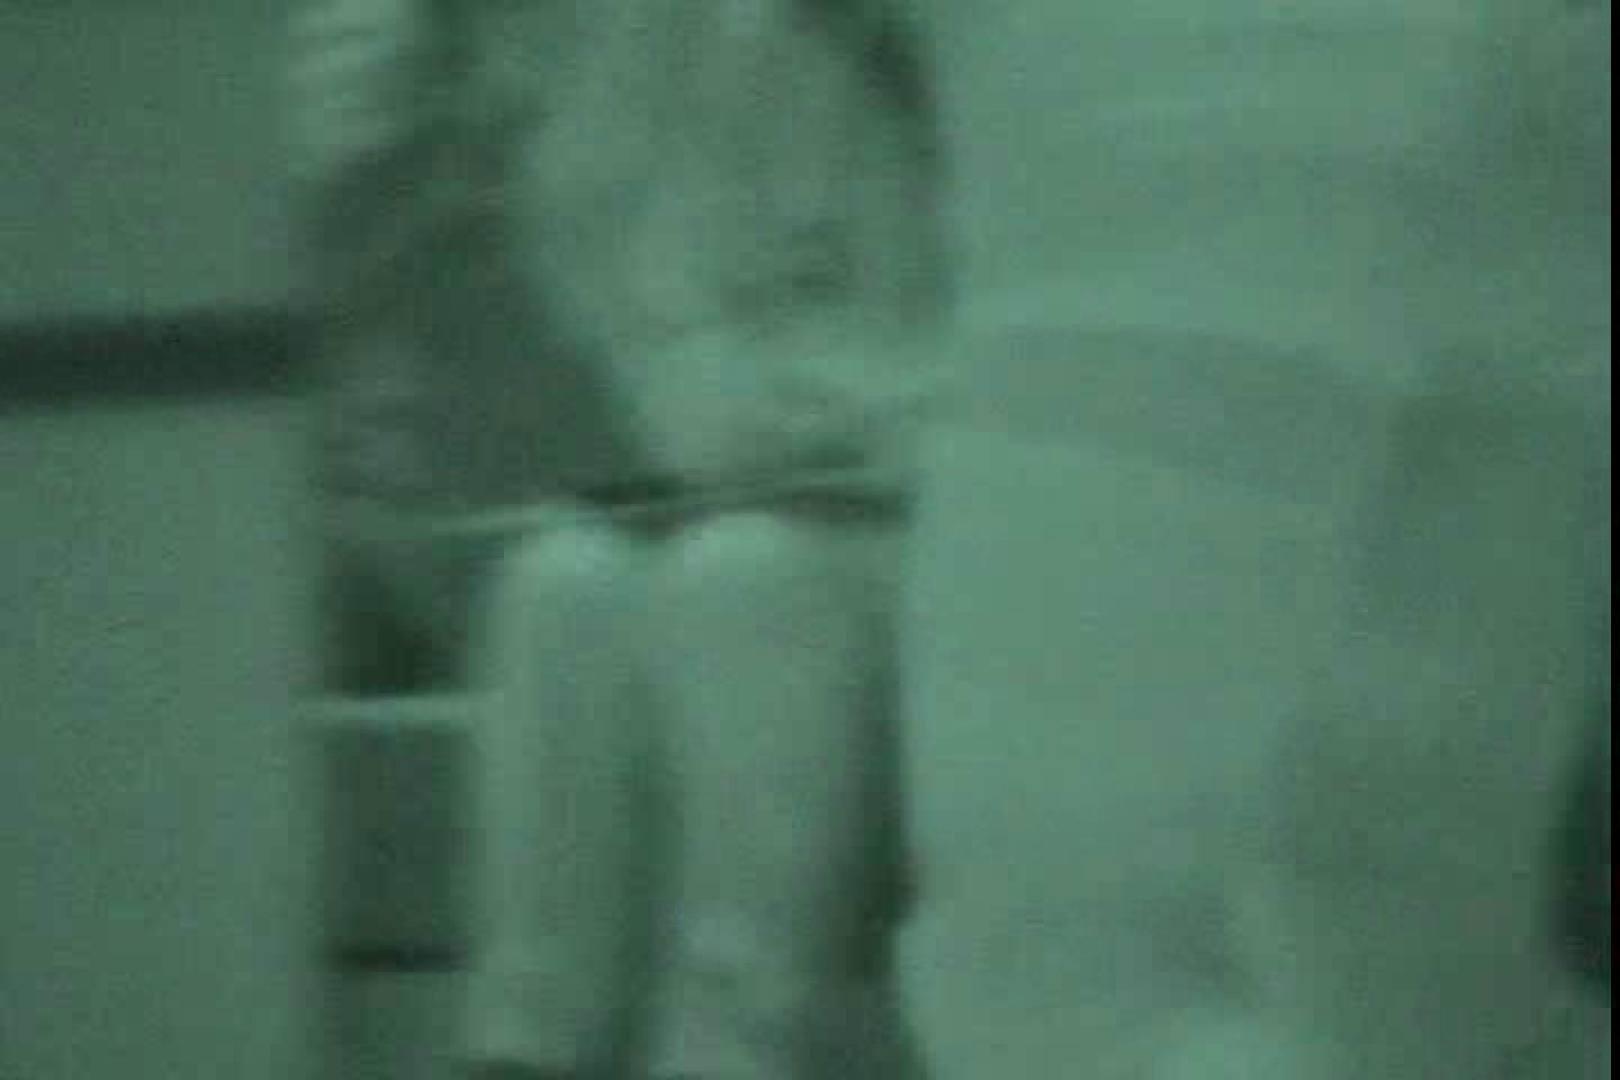 赤外線ムレスケバレー(汗) vol.05 赤外線 | 美しいOLの裸体  79pic 34